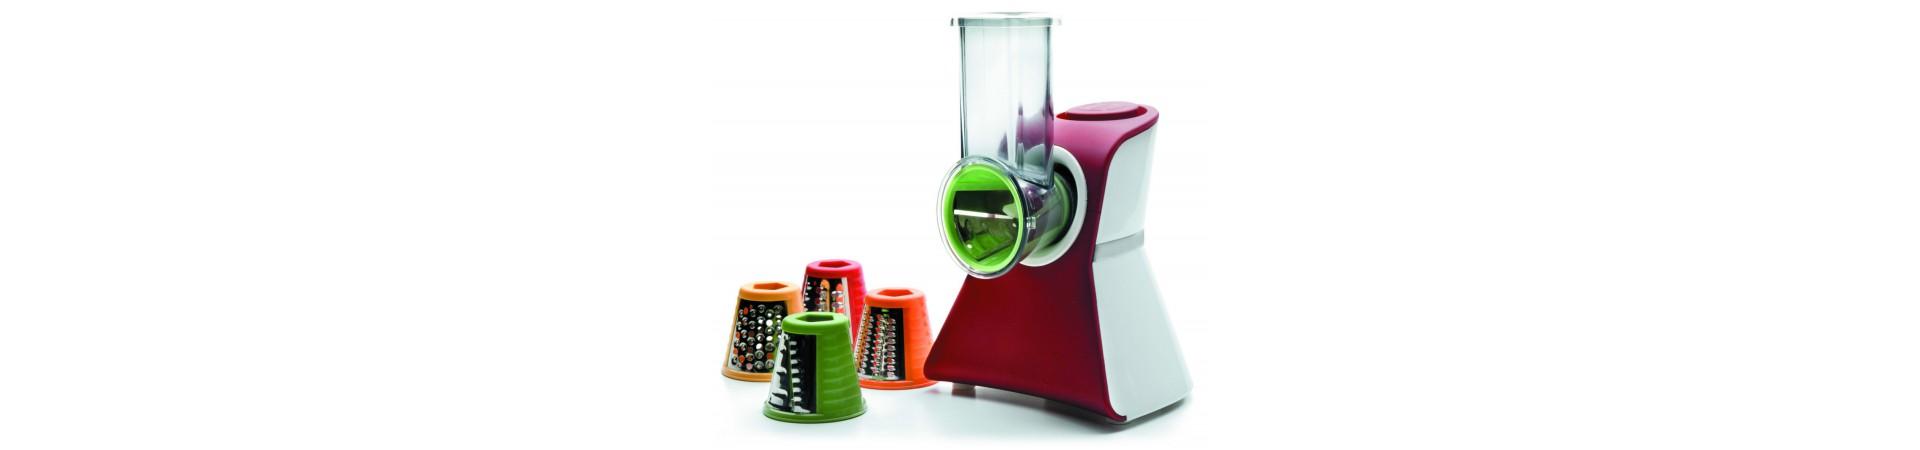 Venta de pequeños electrodomésticos online con garantía y envío gratis